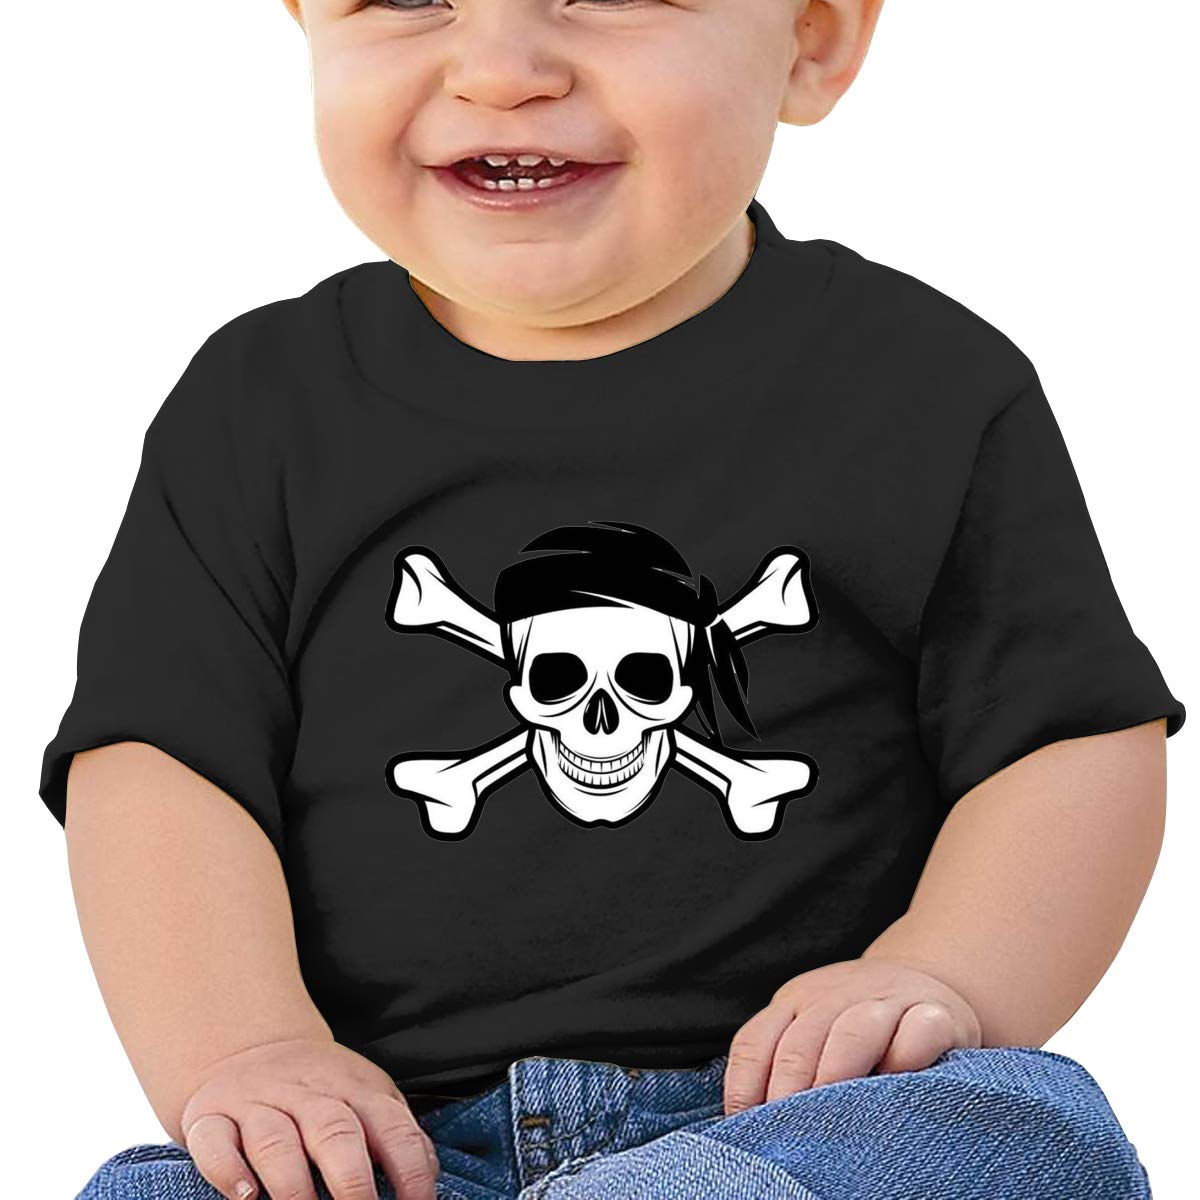 Pirate Skull Toddler Short-Sleeve Tee for Boy Girl Infant Kids T-Shirt On Newborn 6-18 Months